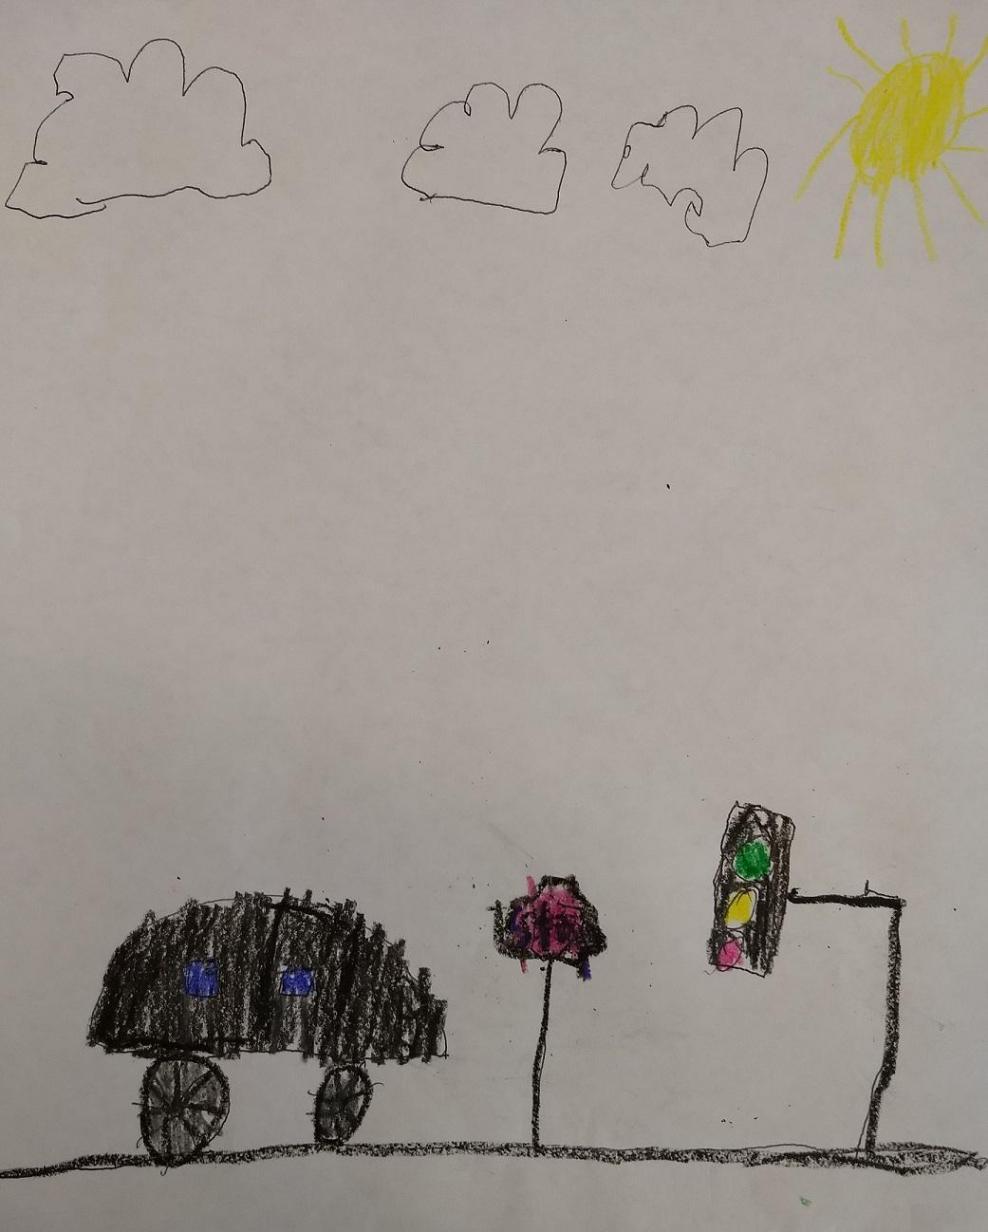 Noah's drawing